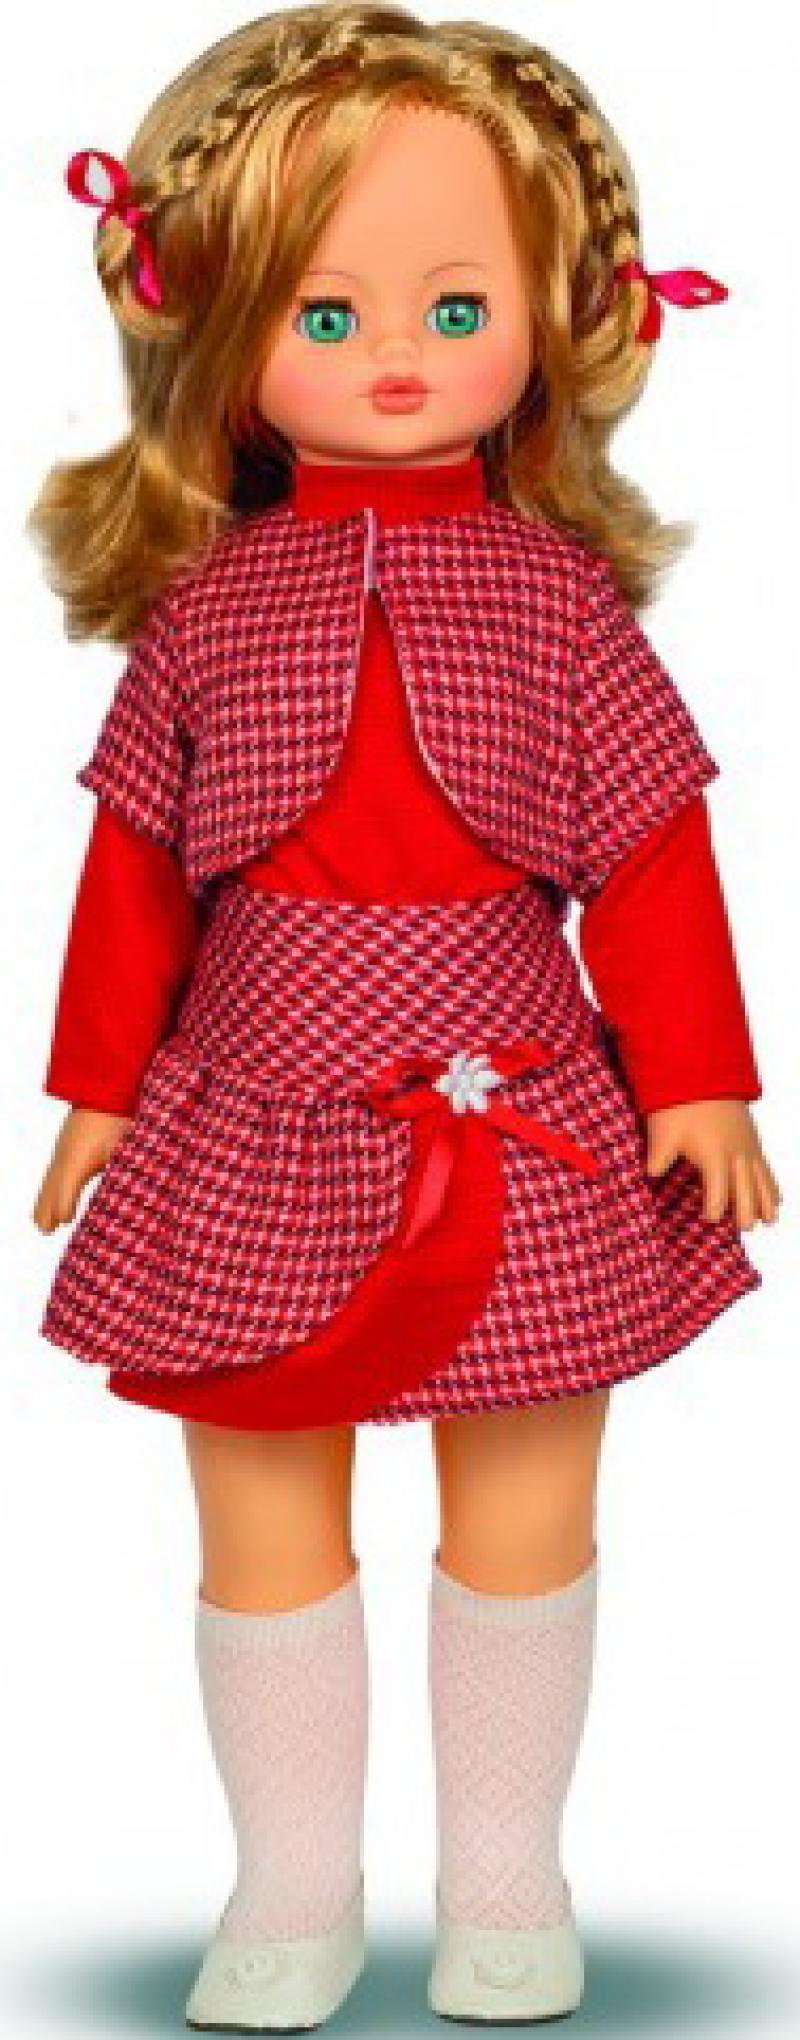 Кукла ВЕСНА Эльвира 2 (озвученная) В569/0 кукла алла весна